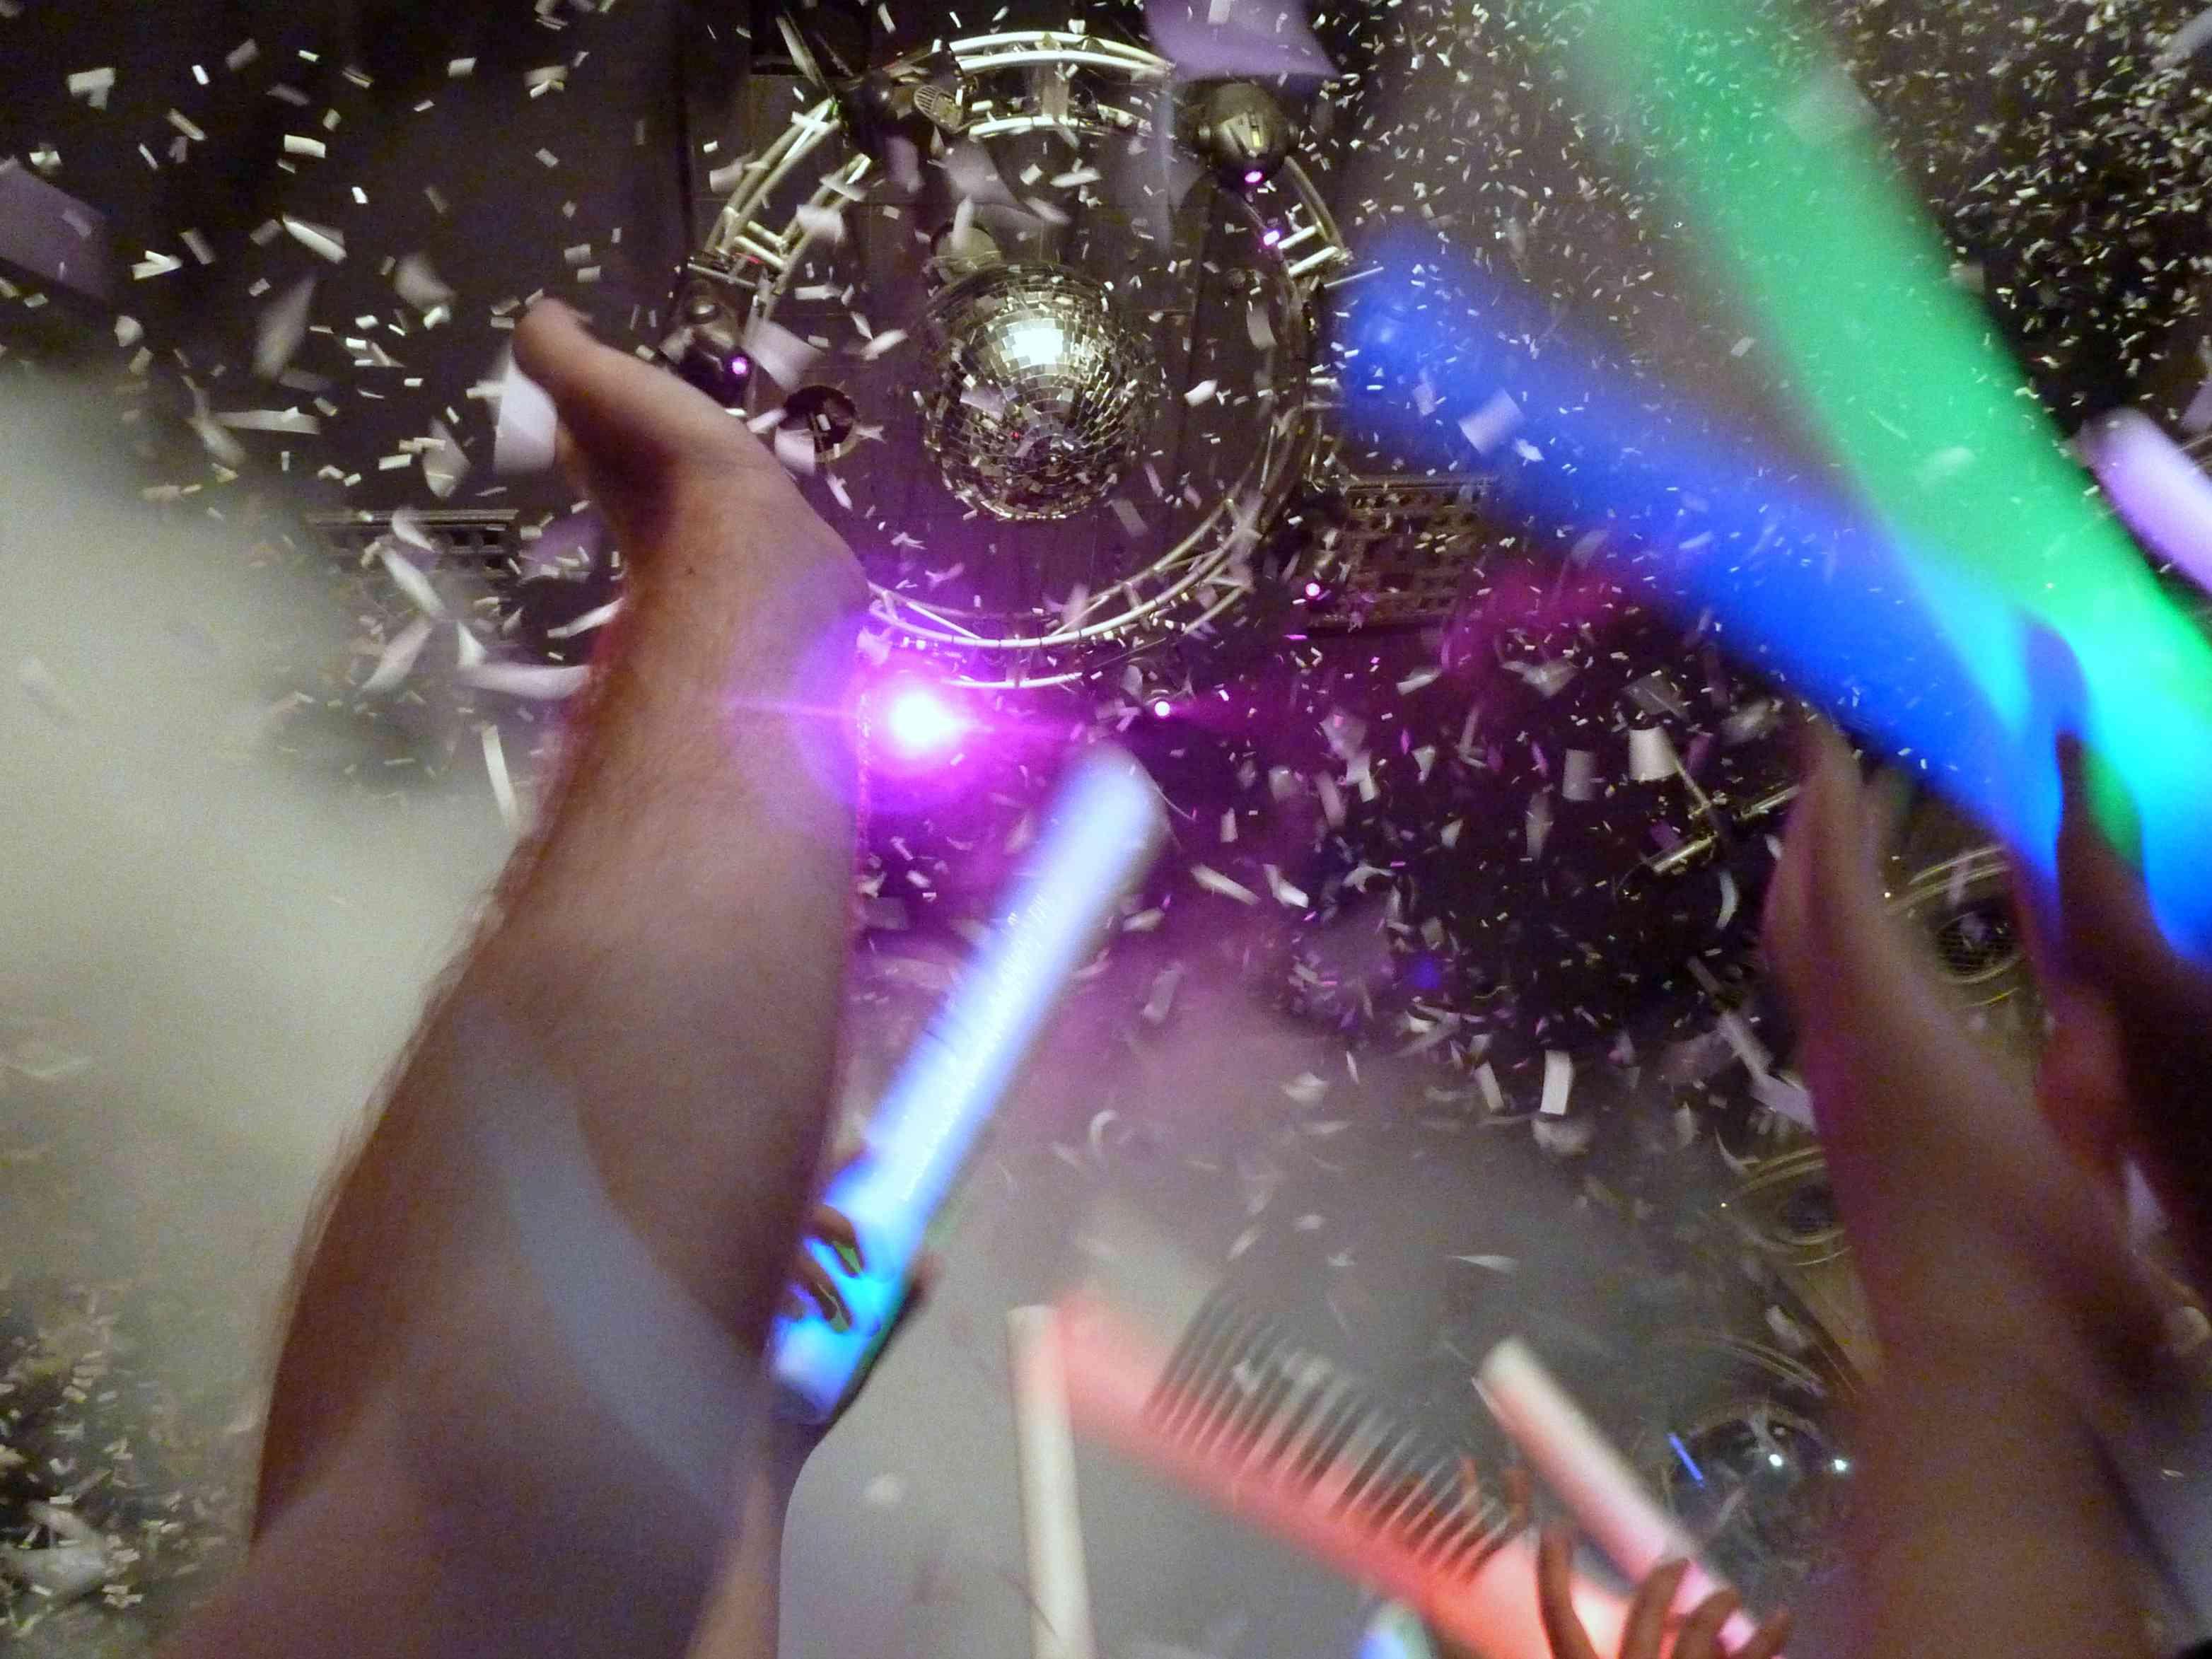 Mano recortada contra el confeti en el club nocturno: fotografía de archivo